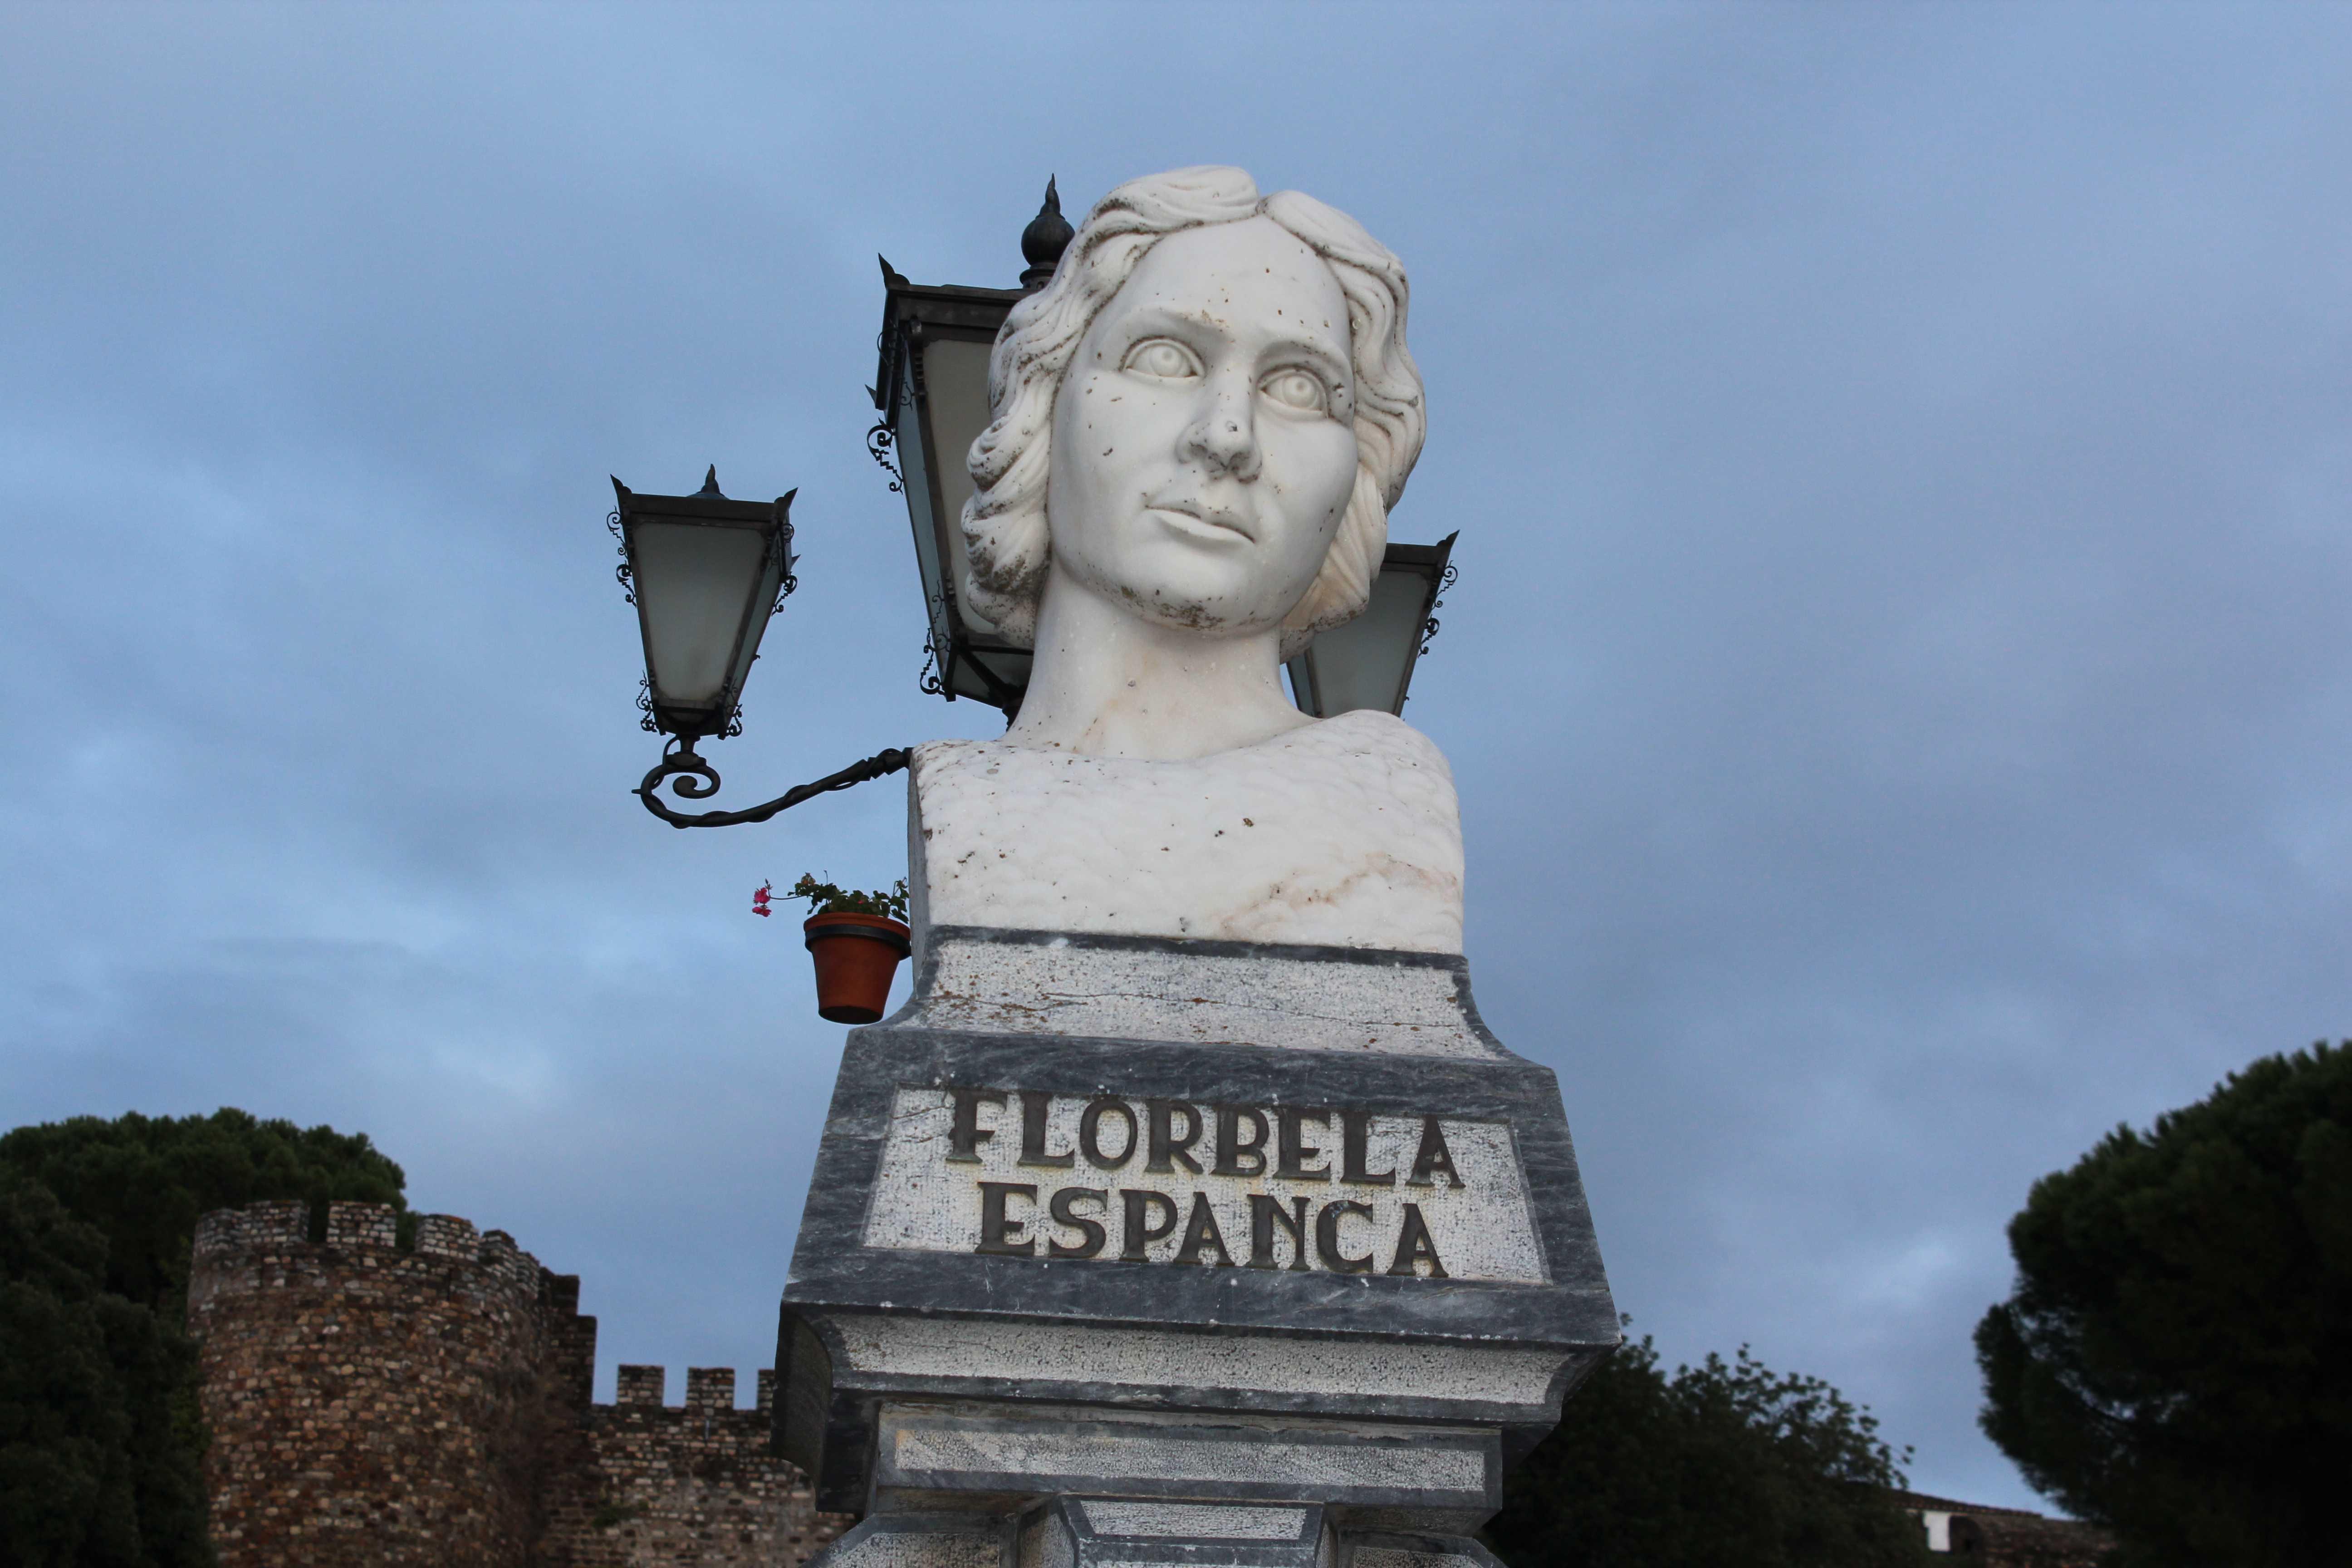 Busto de Florbel Espanca en Vila Viçosa